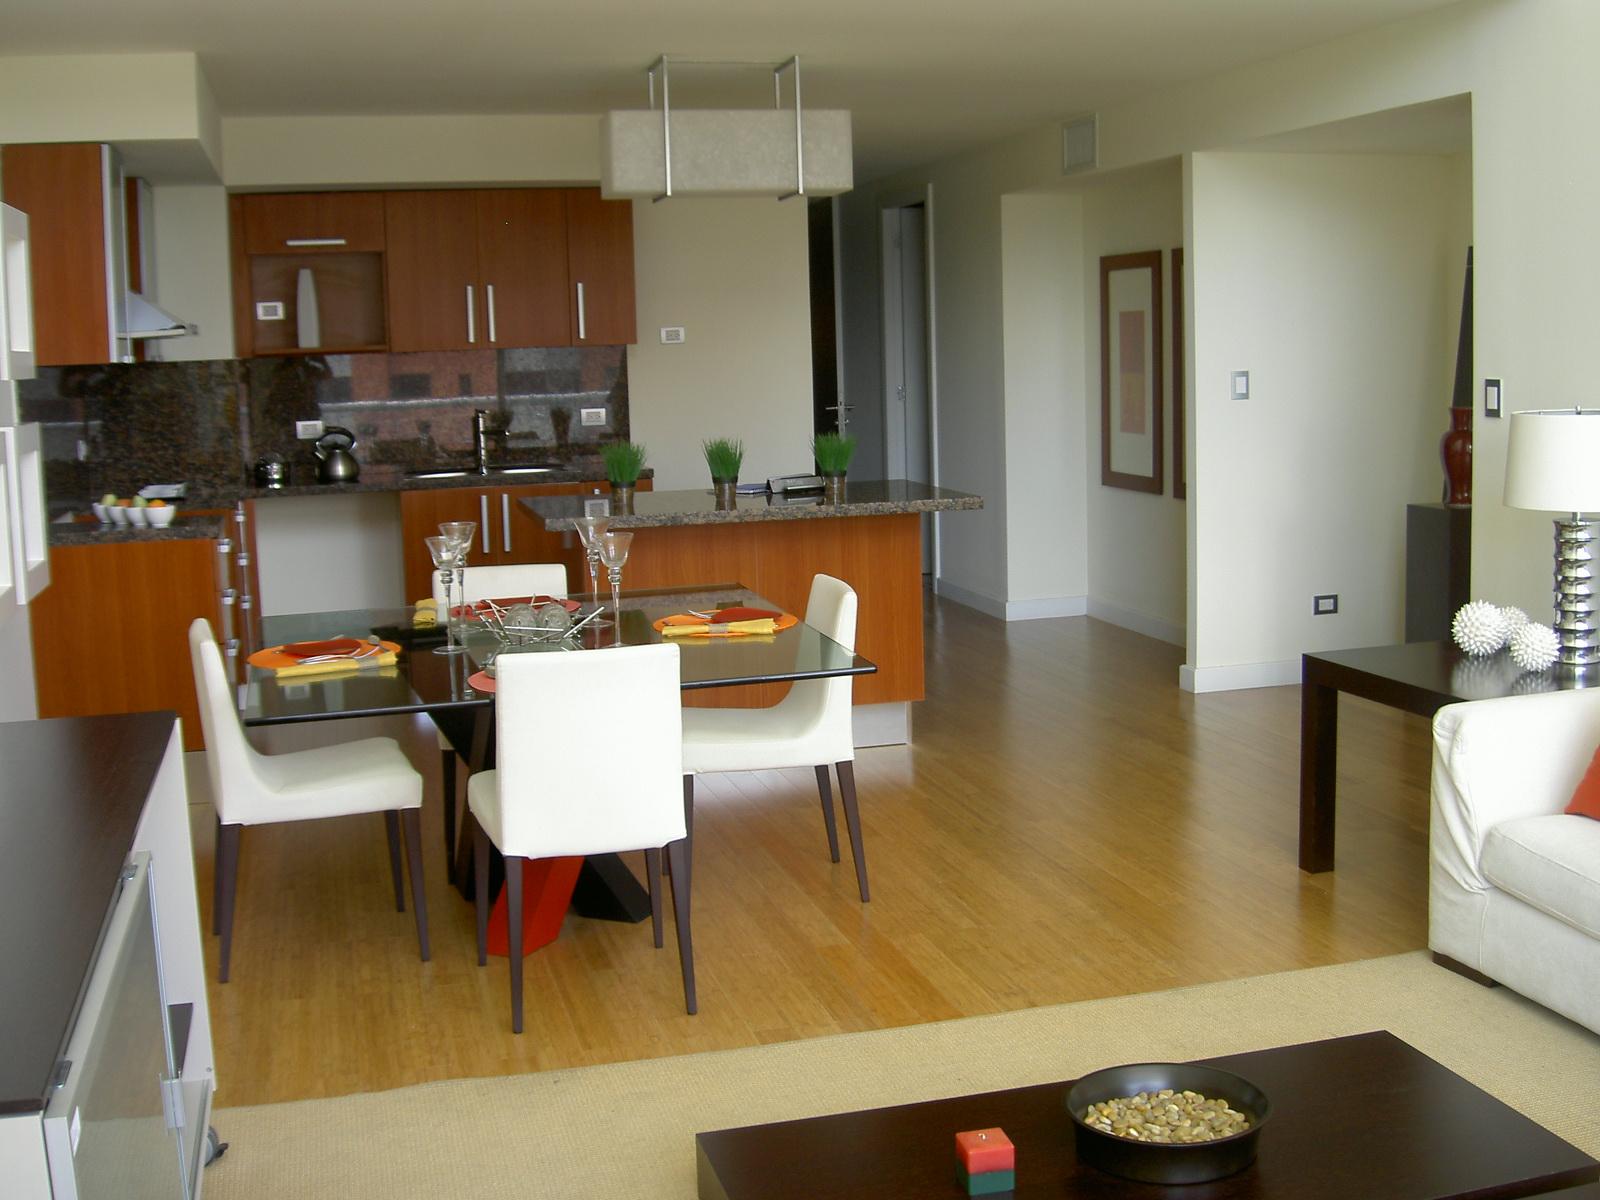 Moderno apartamento de una habitaci n tipo loft - Apartamento tipo loft ...